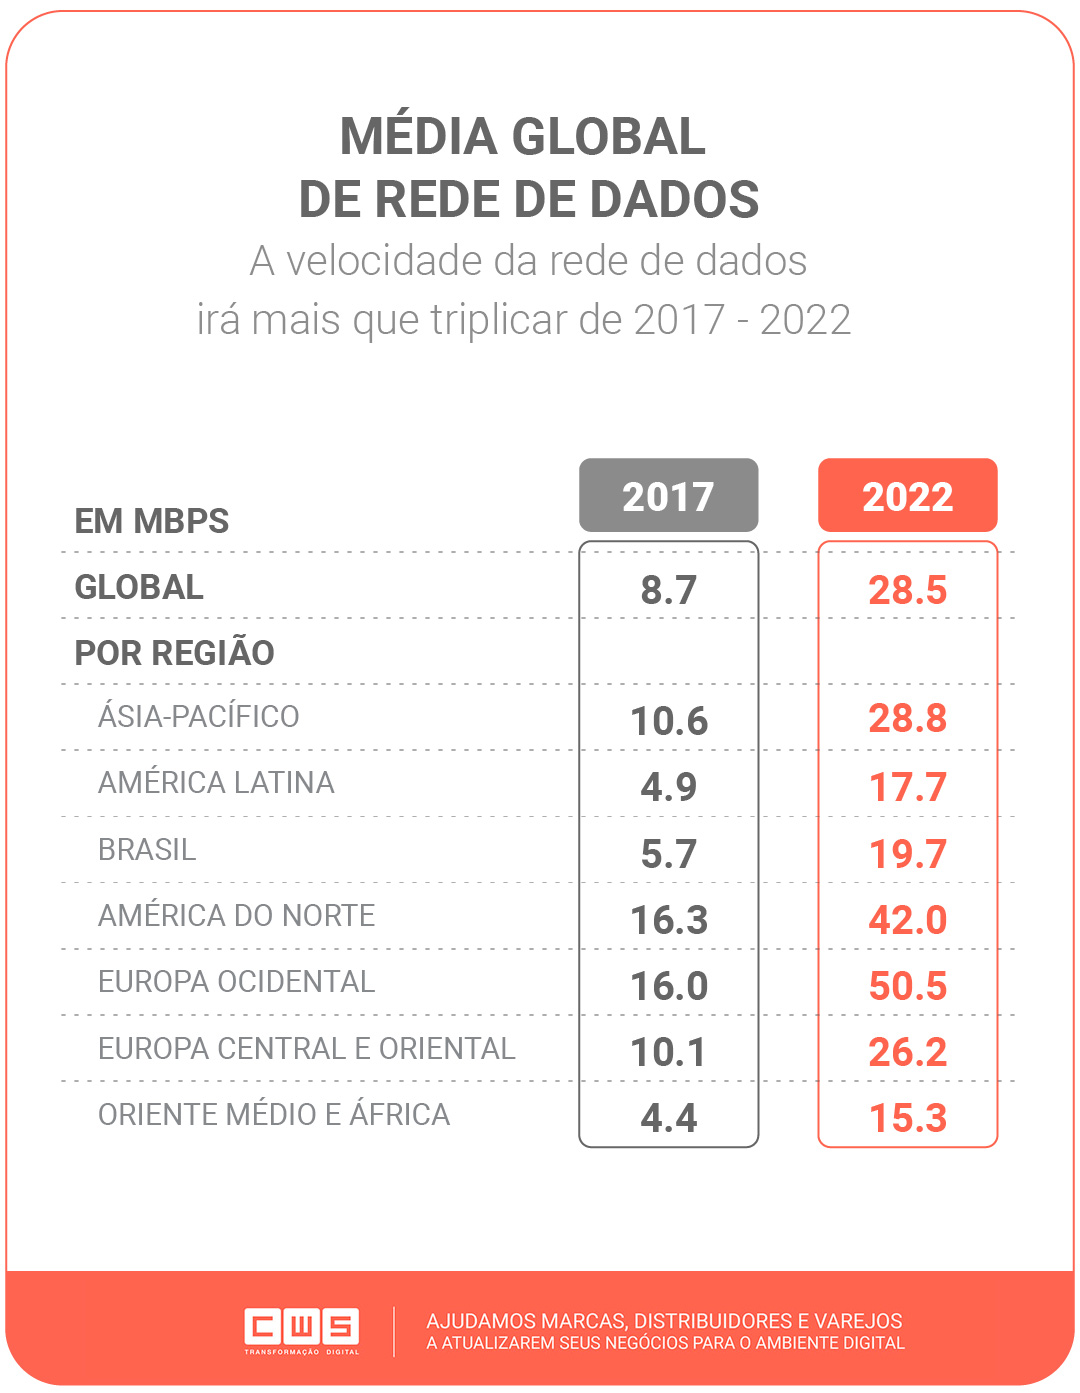 Média Global de rede de dados - A velocidade da rede de dados irá mais que triplicar de 2017 - 2022